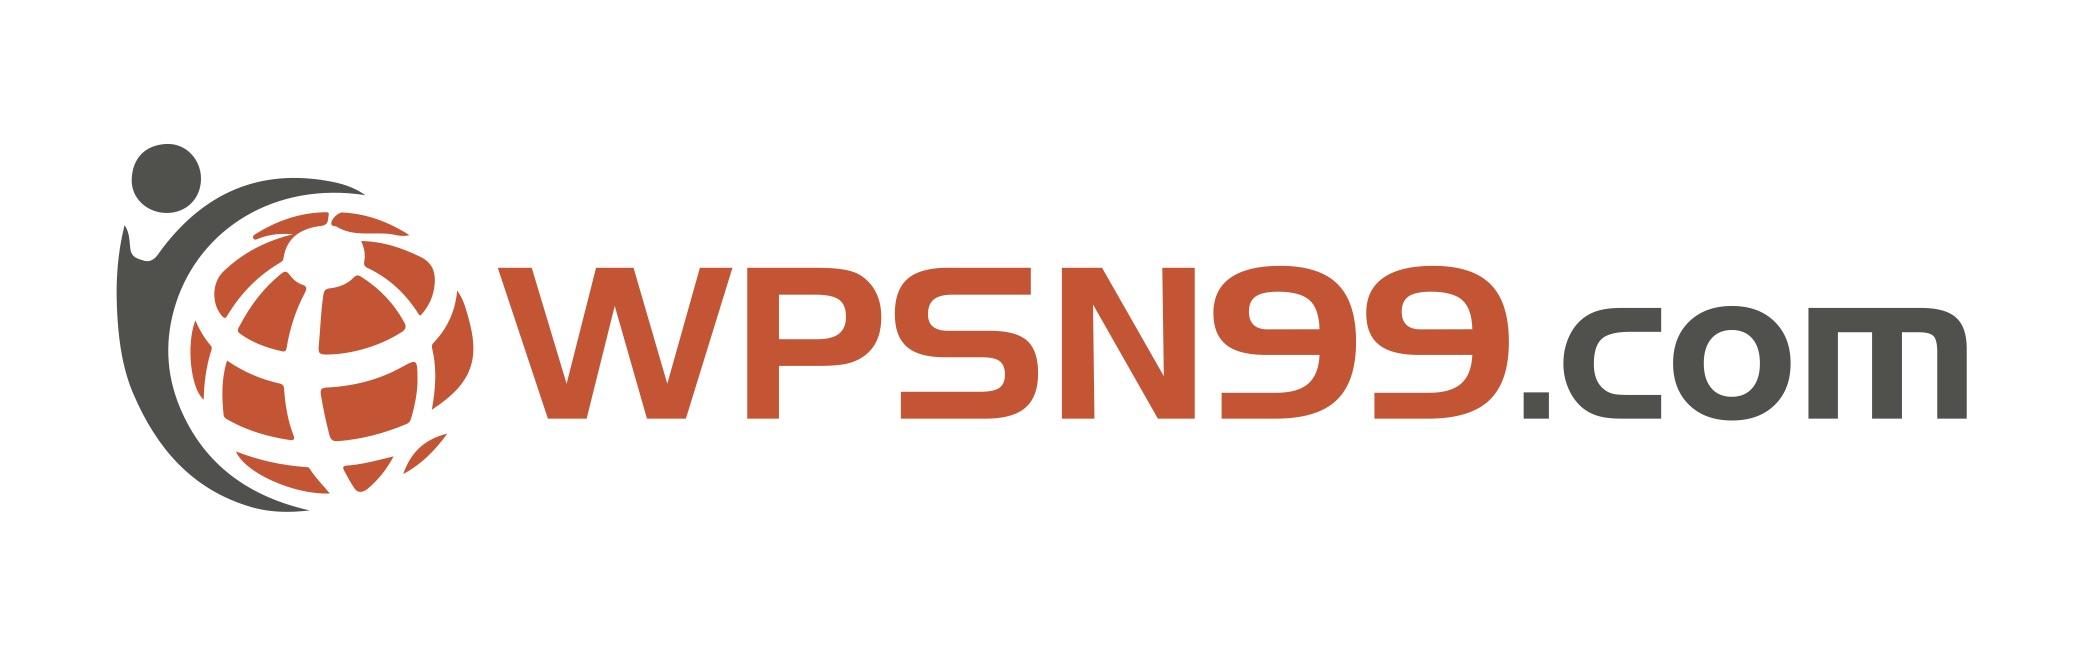 WPSN99.com-01.jpg